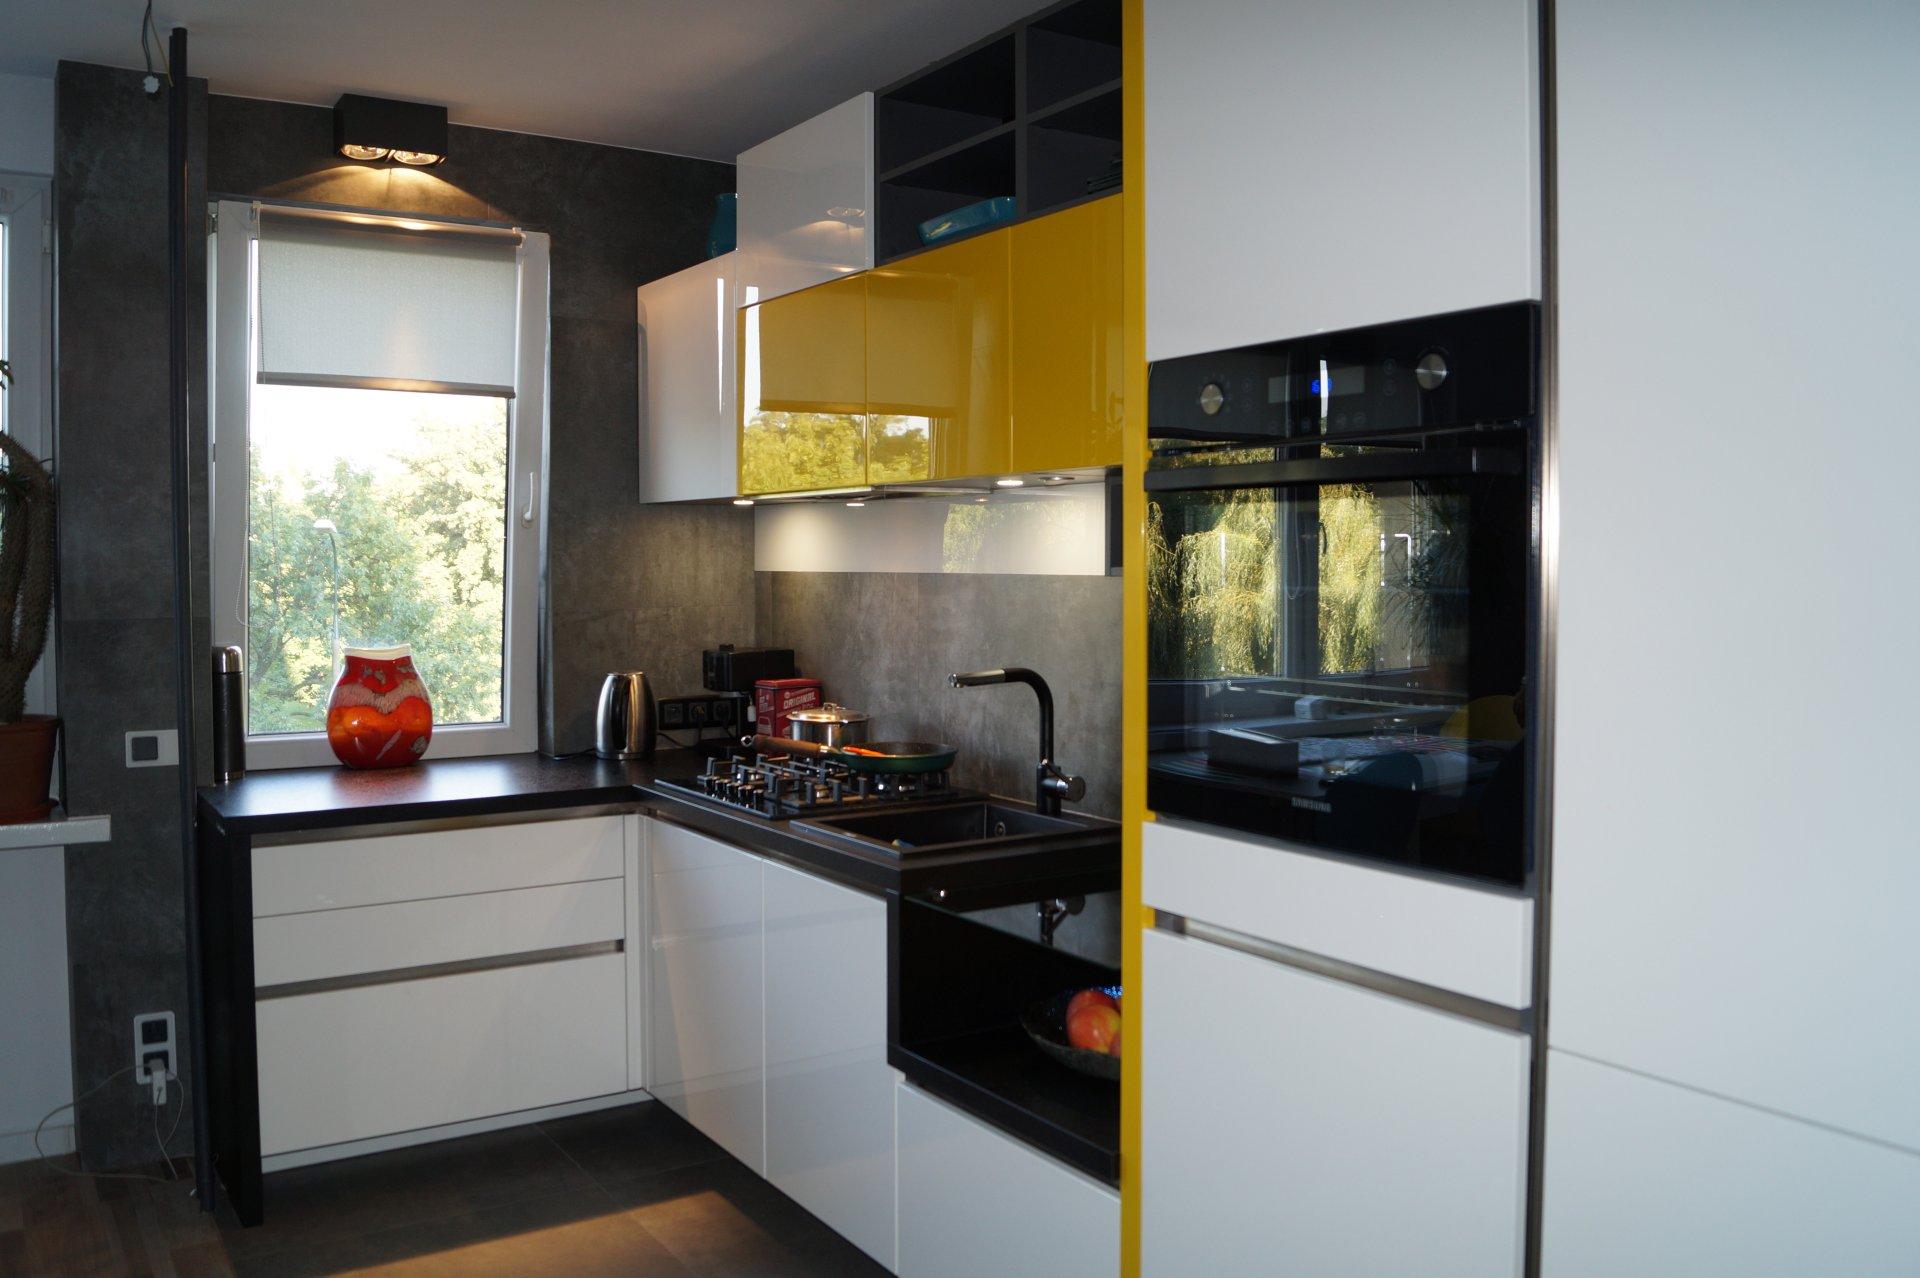 Kuchnia WFM Calma biały i żółty połysk - Kuchnie na wymiar Kraków, meble kuchenne Kraków | WFM Kuchnie Kraków